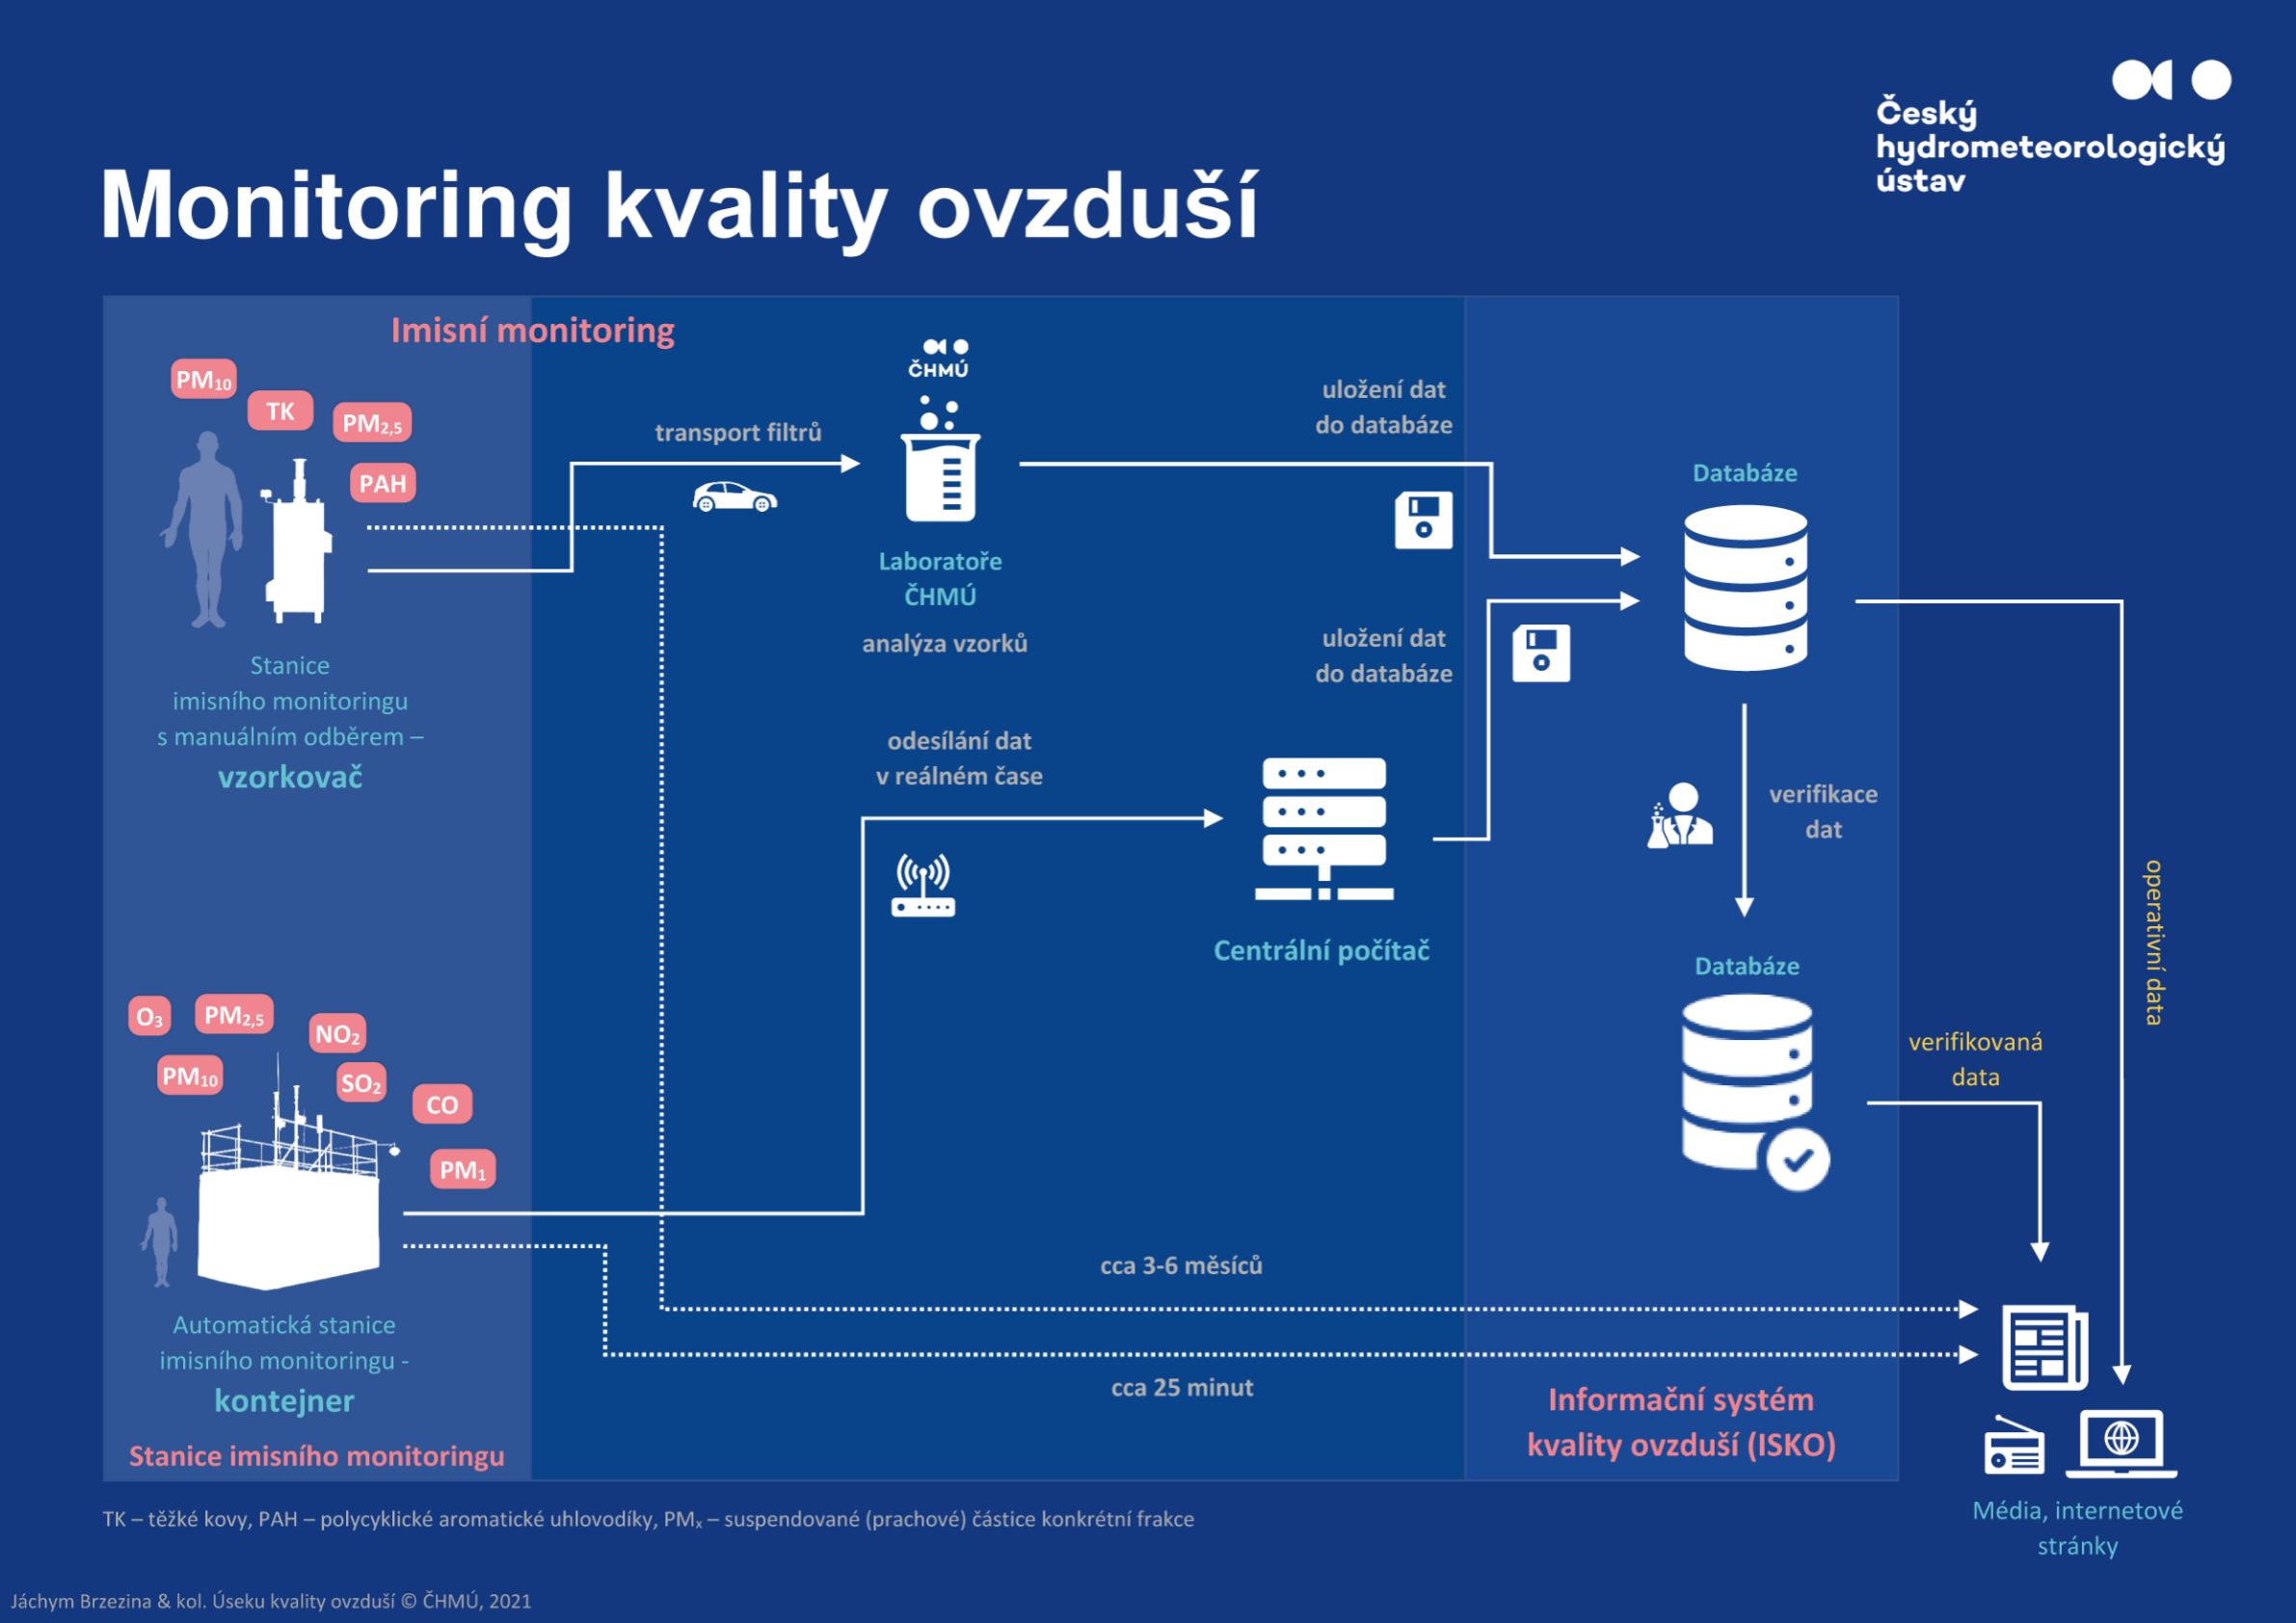 Proces monitoringu kvality ovzduší1 min čtení